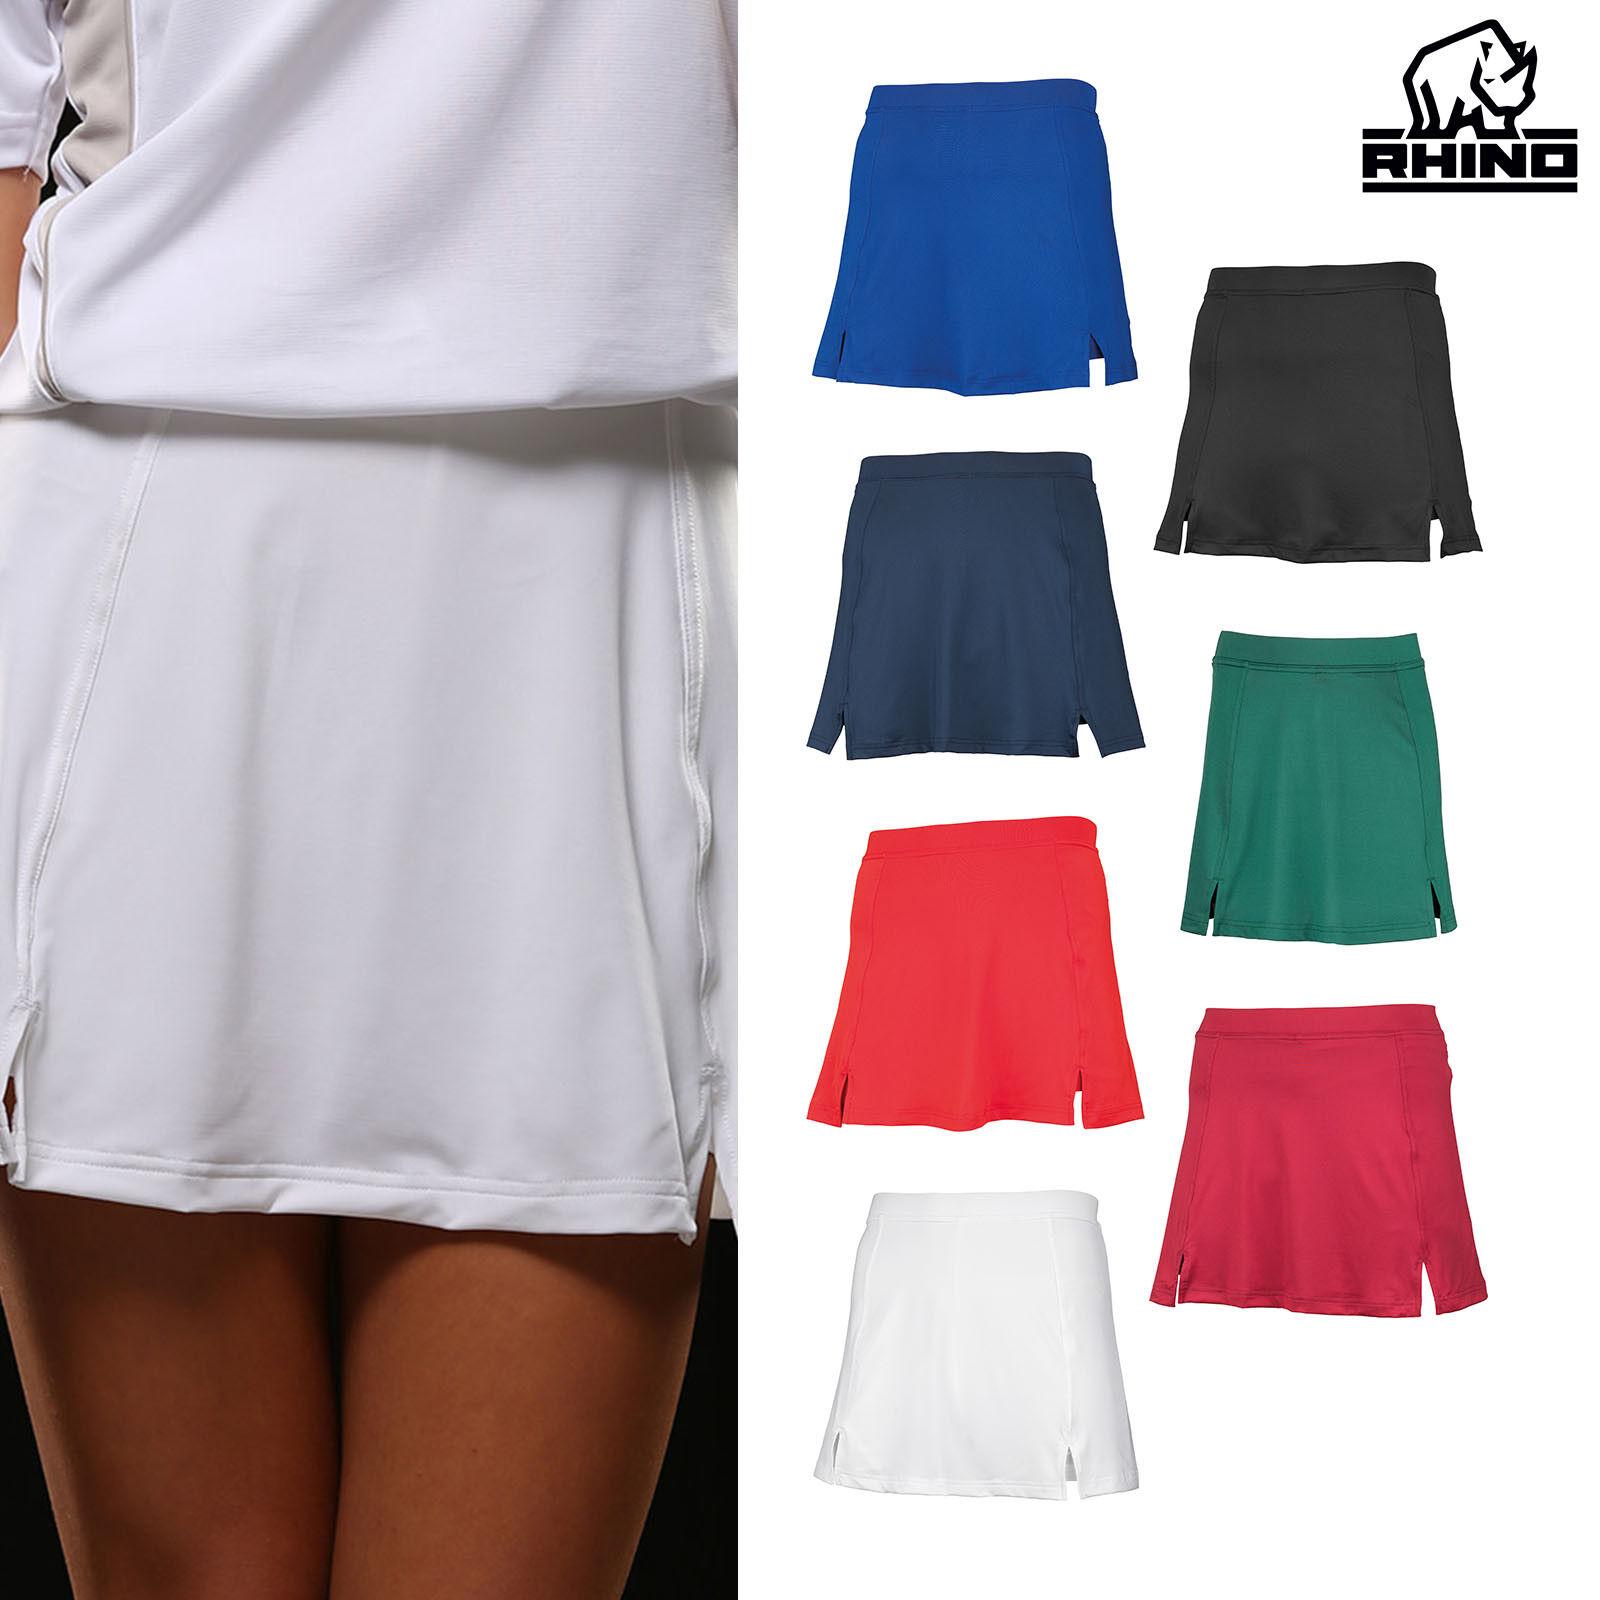 Rhino Women's Sports Performance Skirt RH012